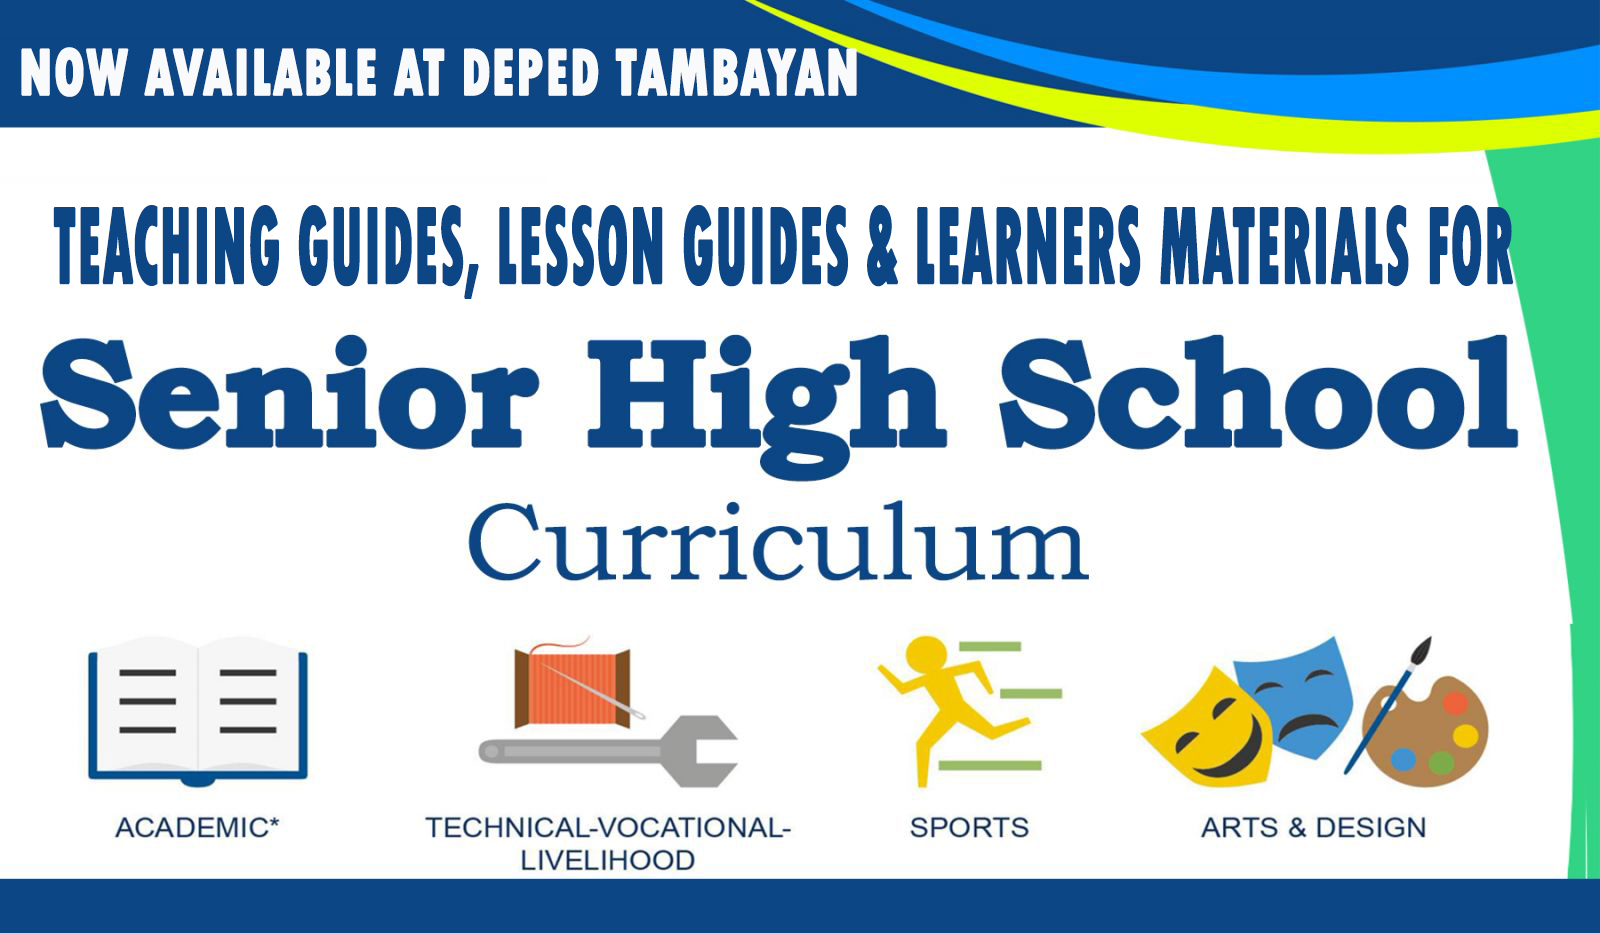 SHS Grade 11 and 12 Resources | DEPED TAMBAYAN PH